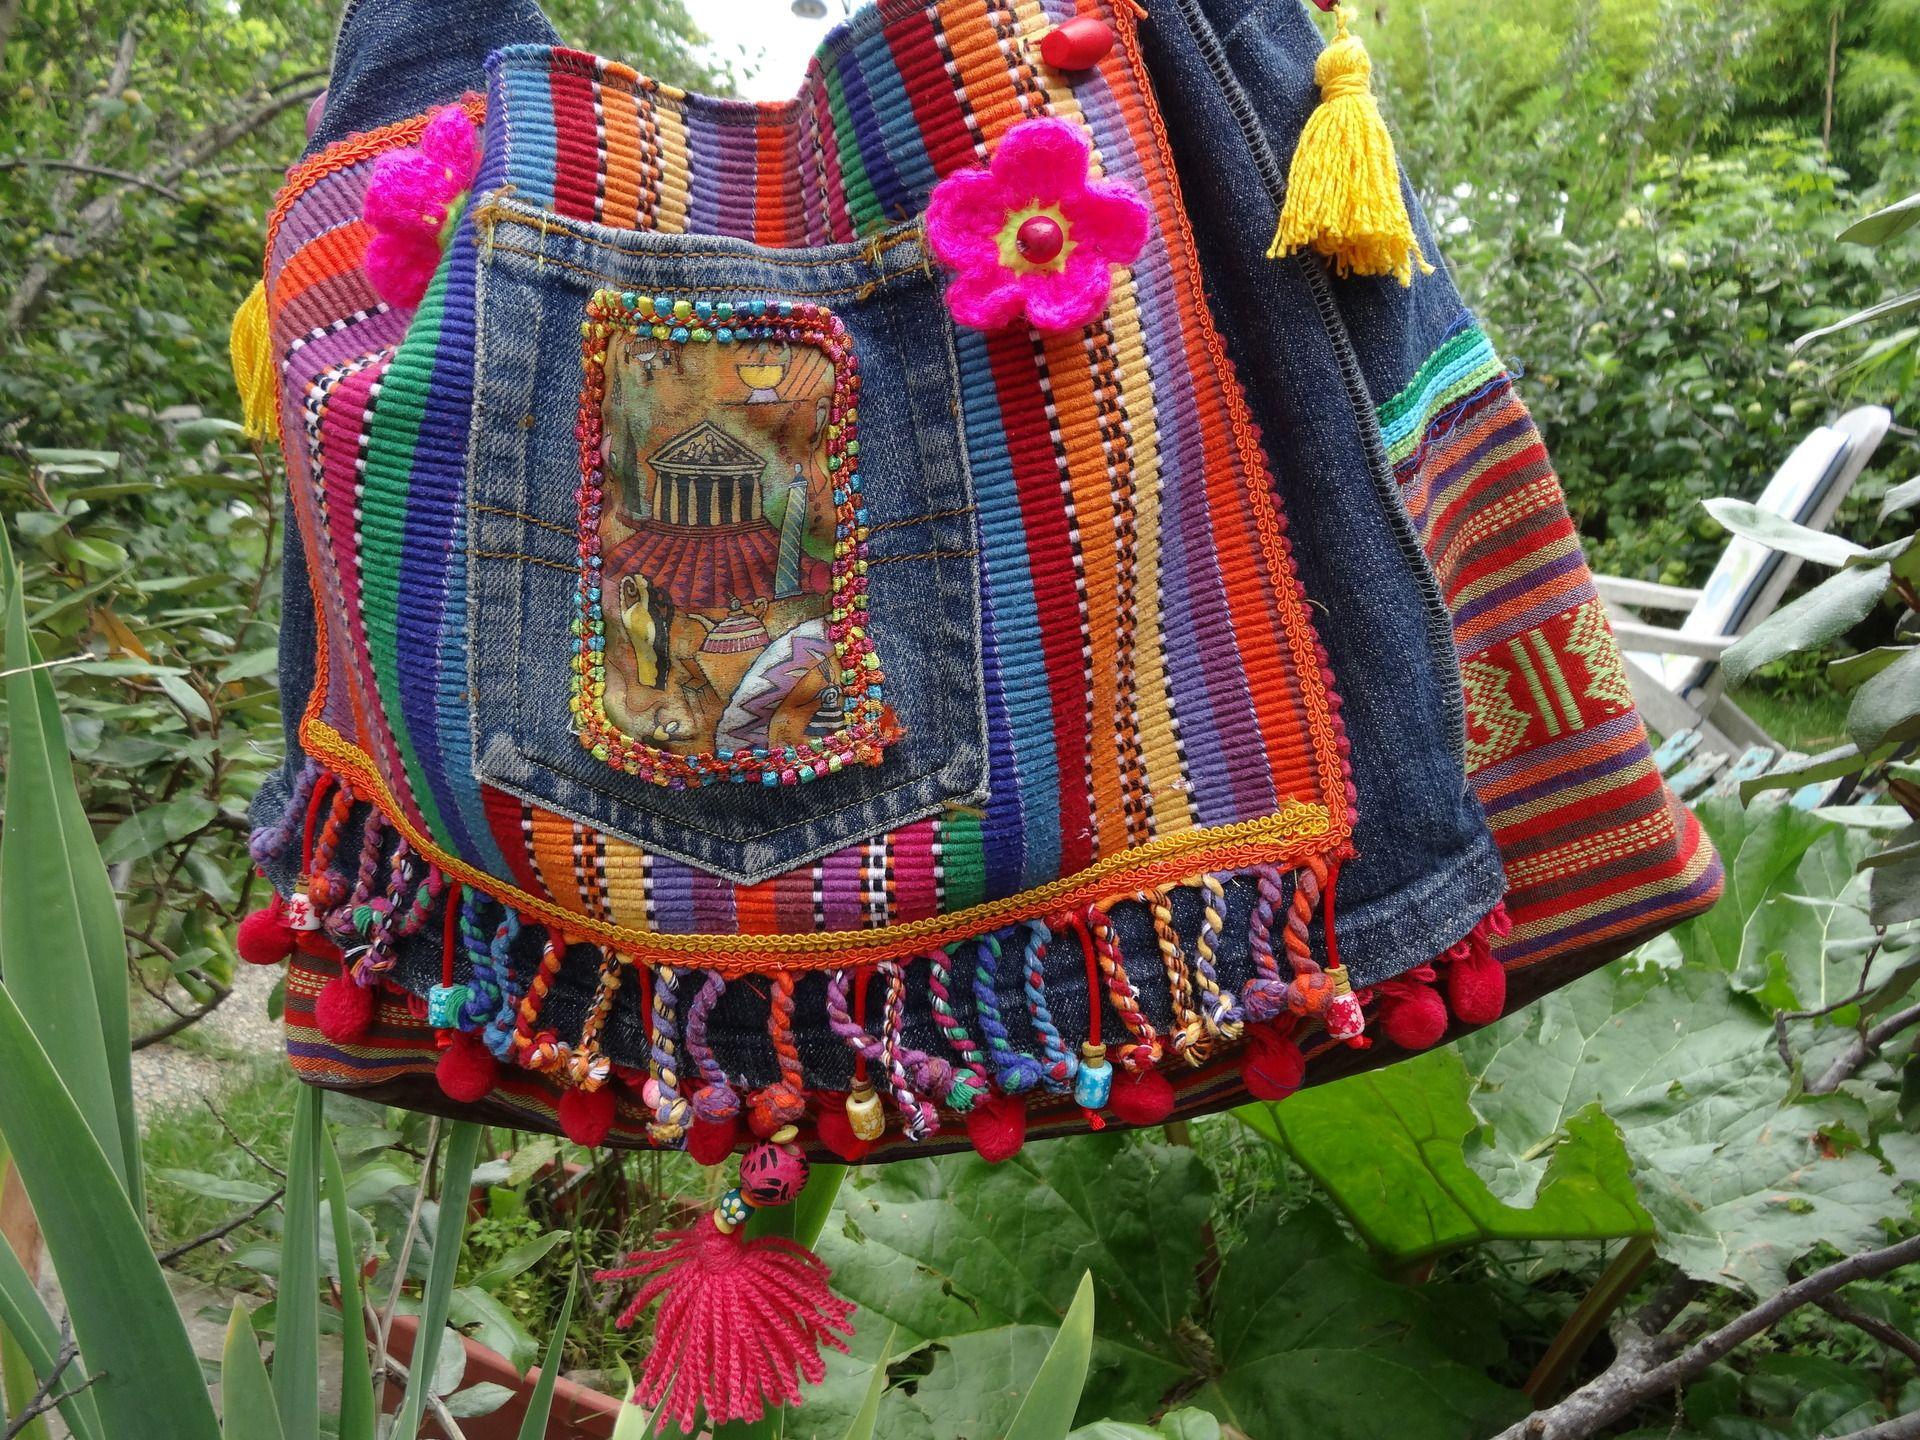 sac en jean style ethnique mexicain et tissu multicolores : Sacs ... - Style Ethnique